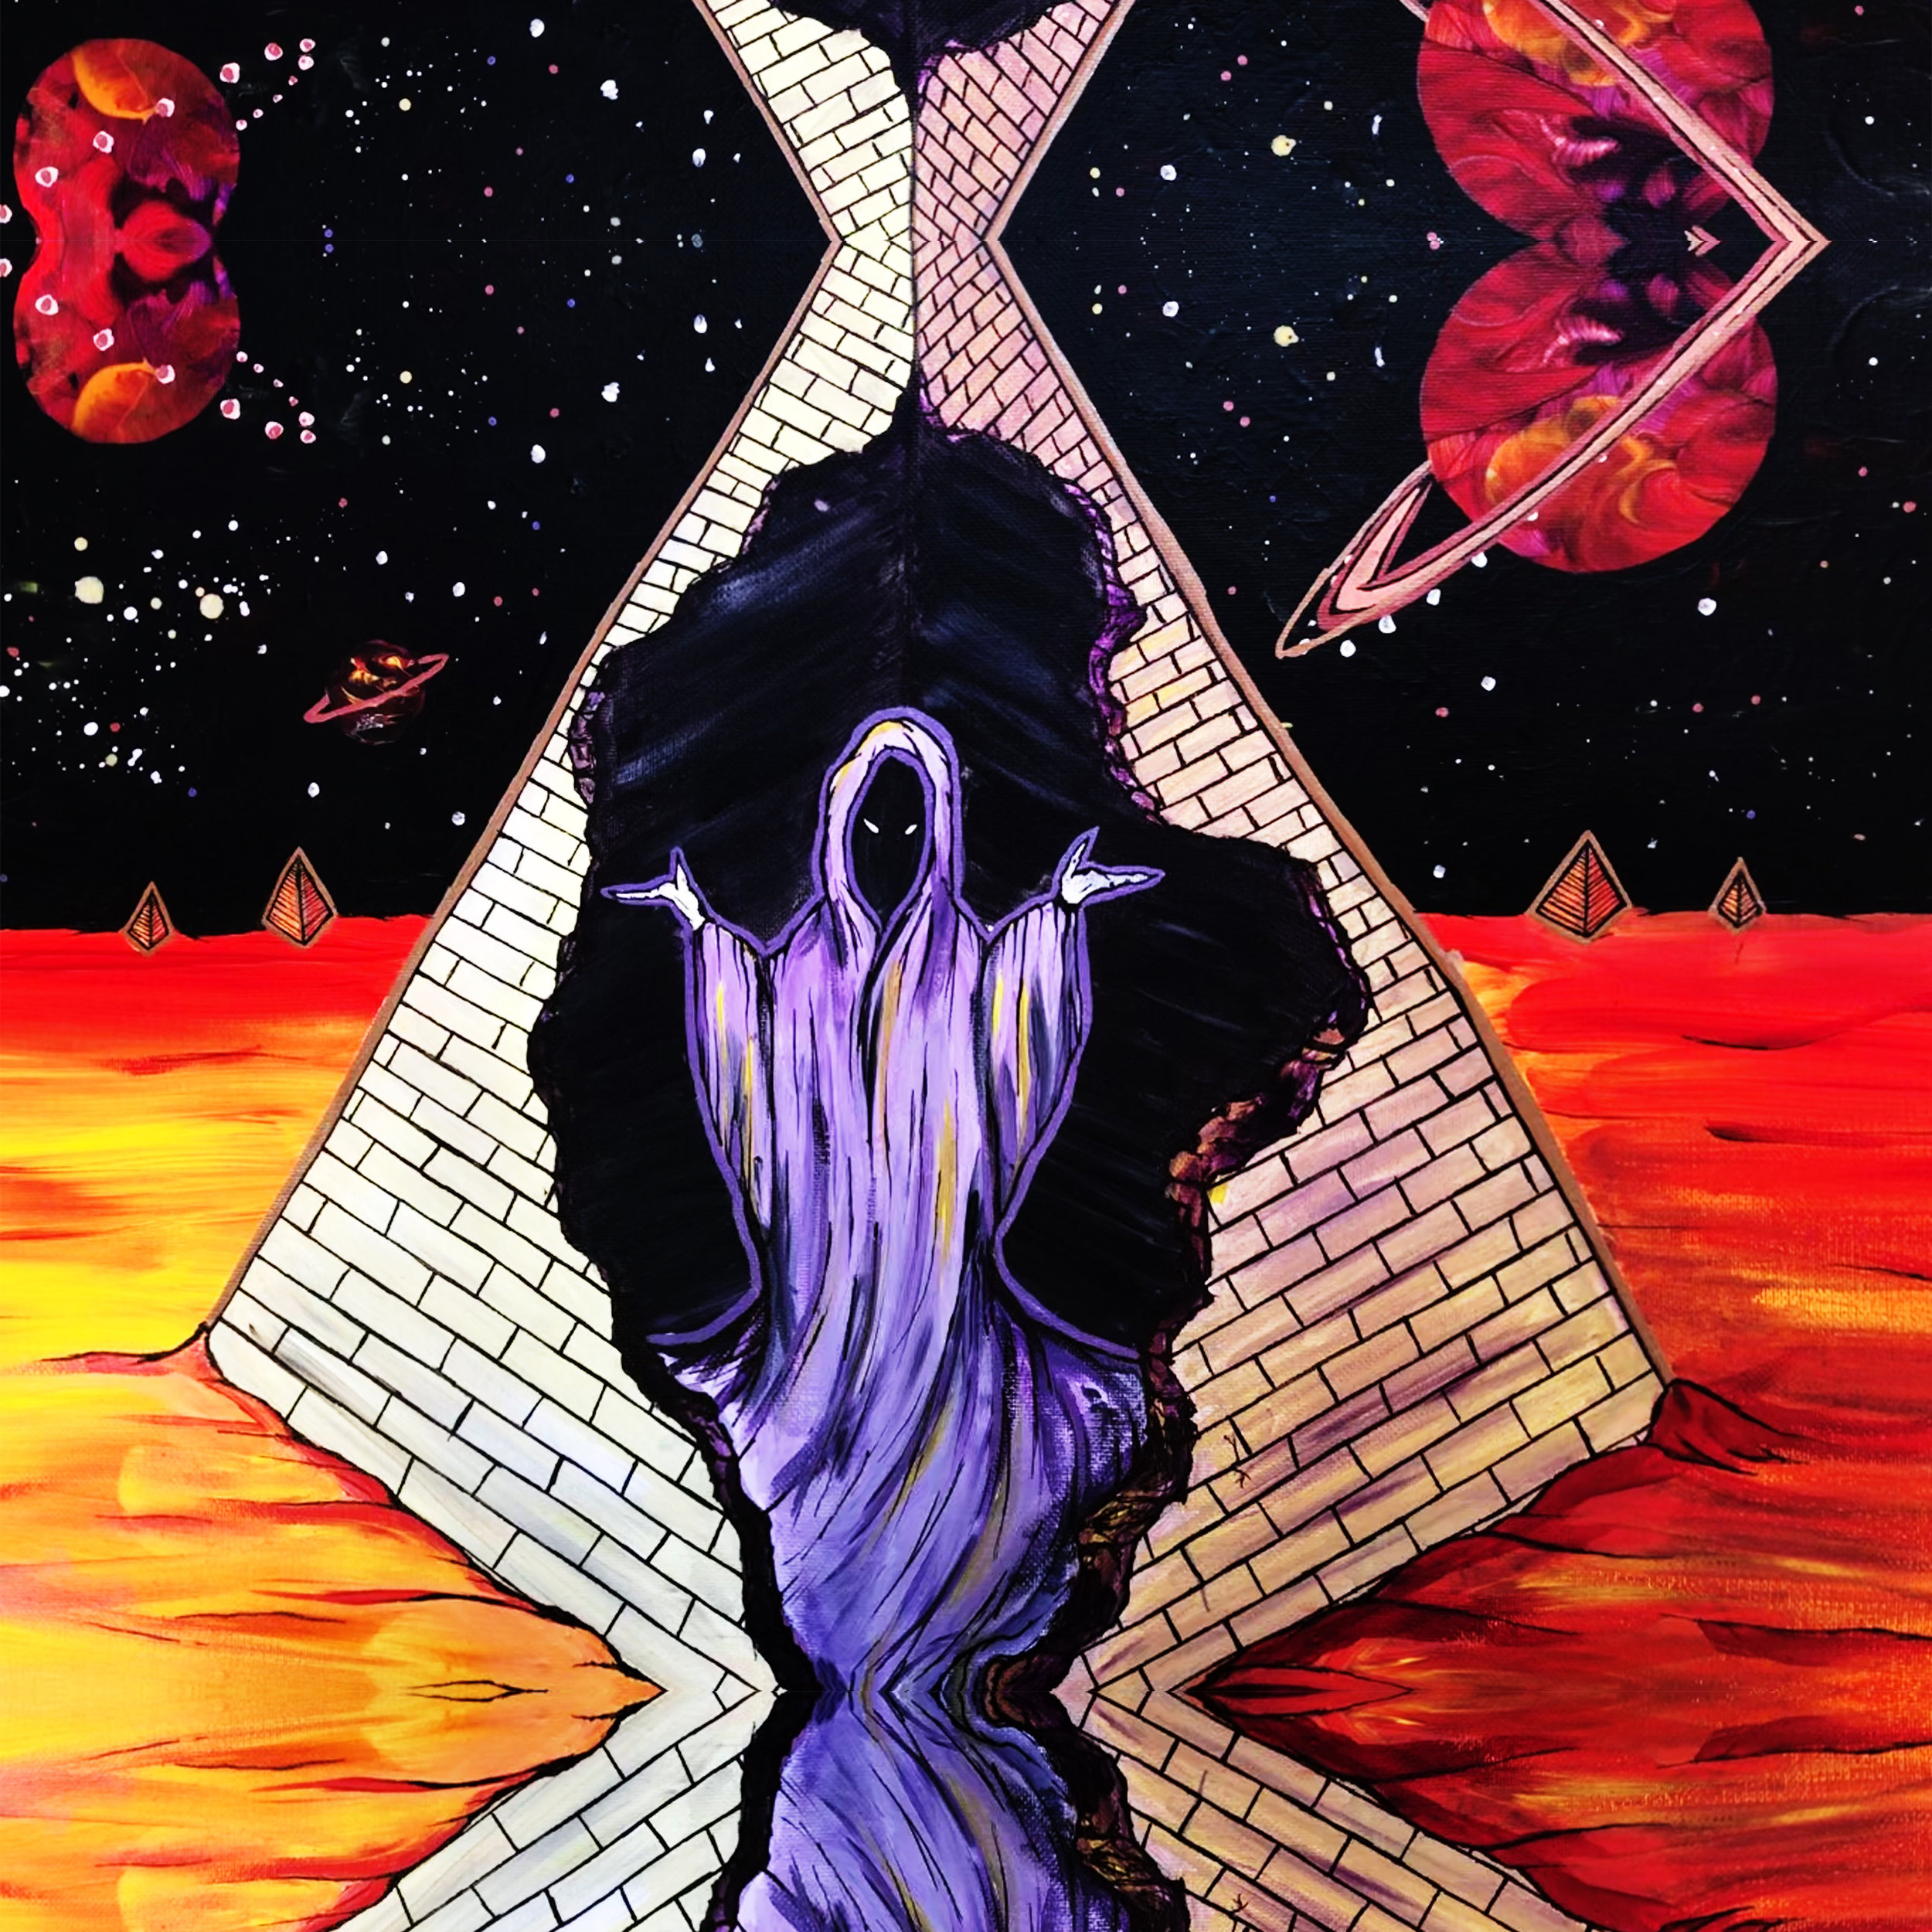 Artwork by Abigaze Sinpole